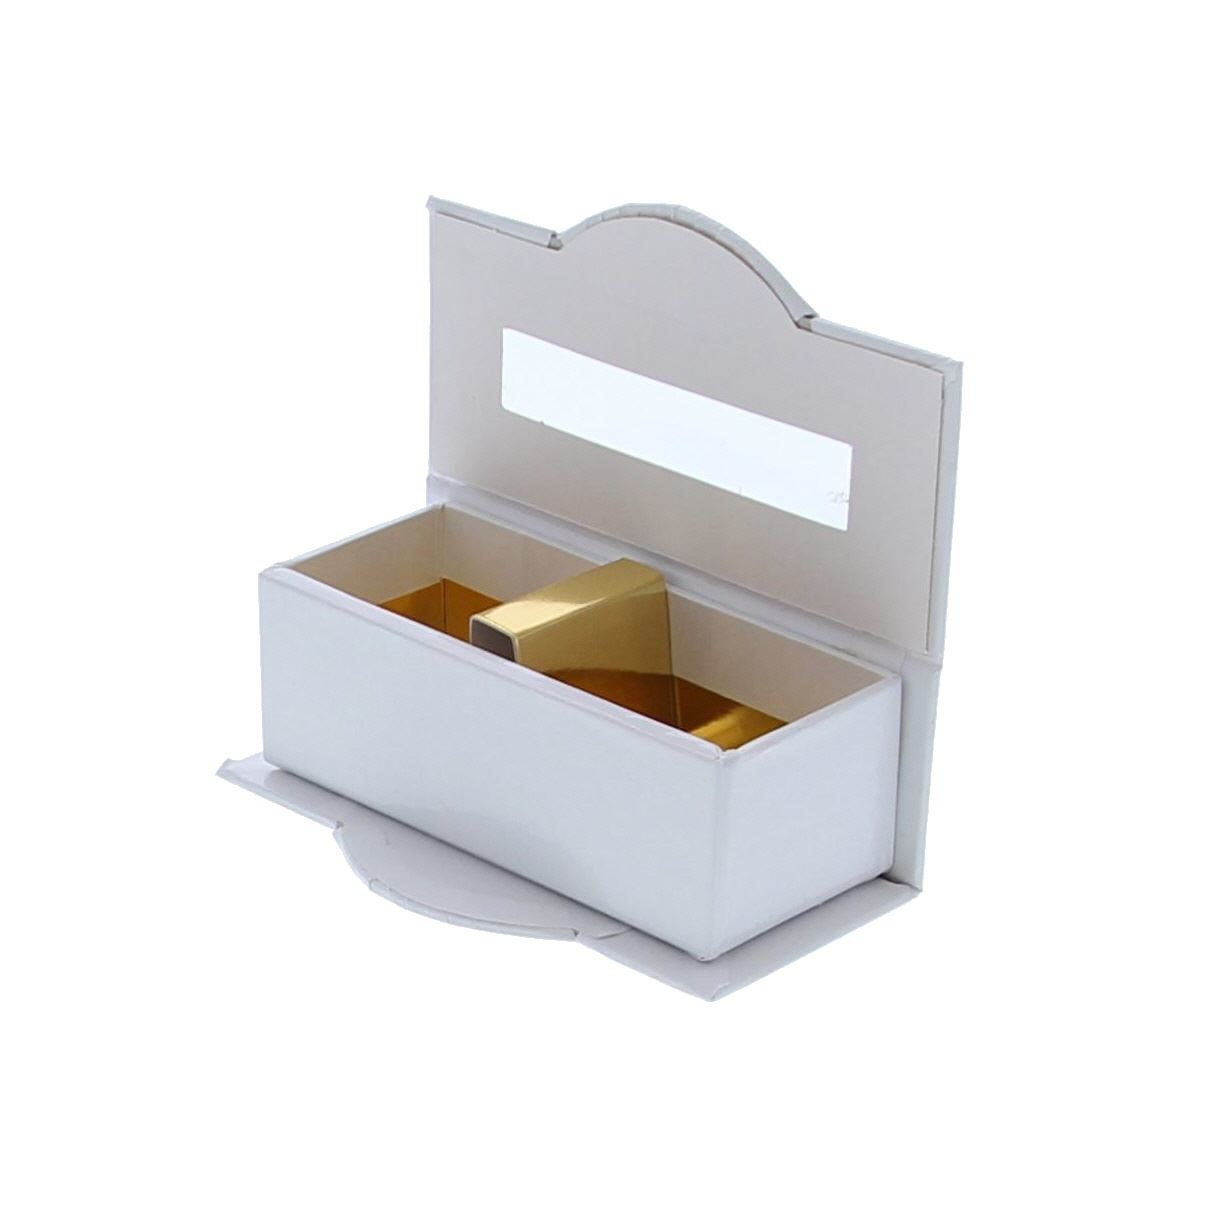 Klare Fenster schachtel 2 pralines Weiß - 100 *55*35  mm - 50 Stück